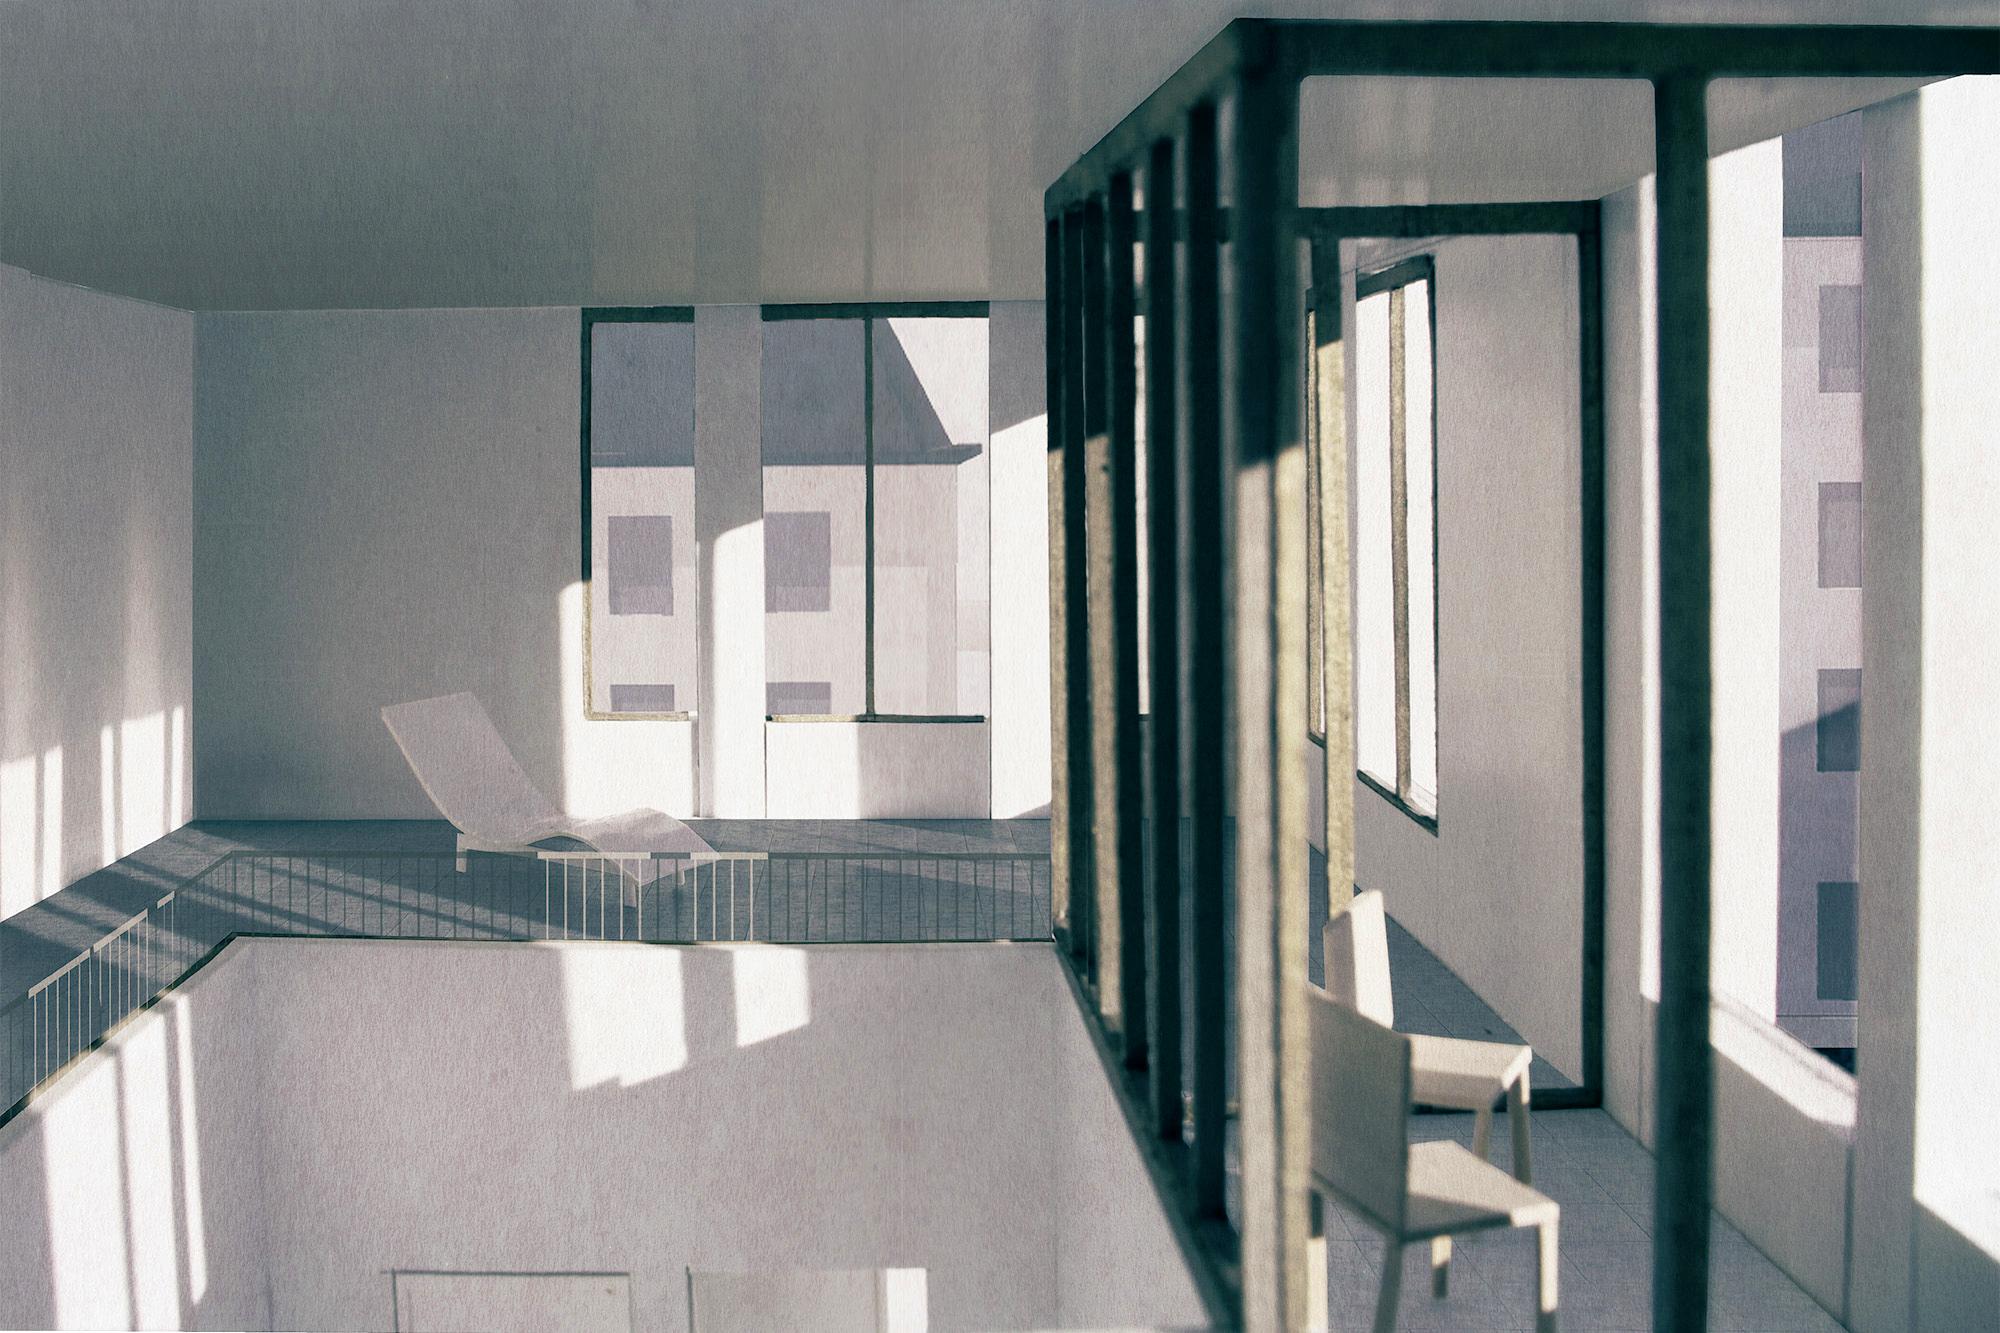 AATD_Weststrasse_Interior3.jpg